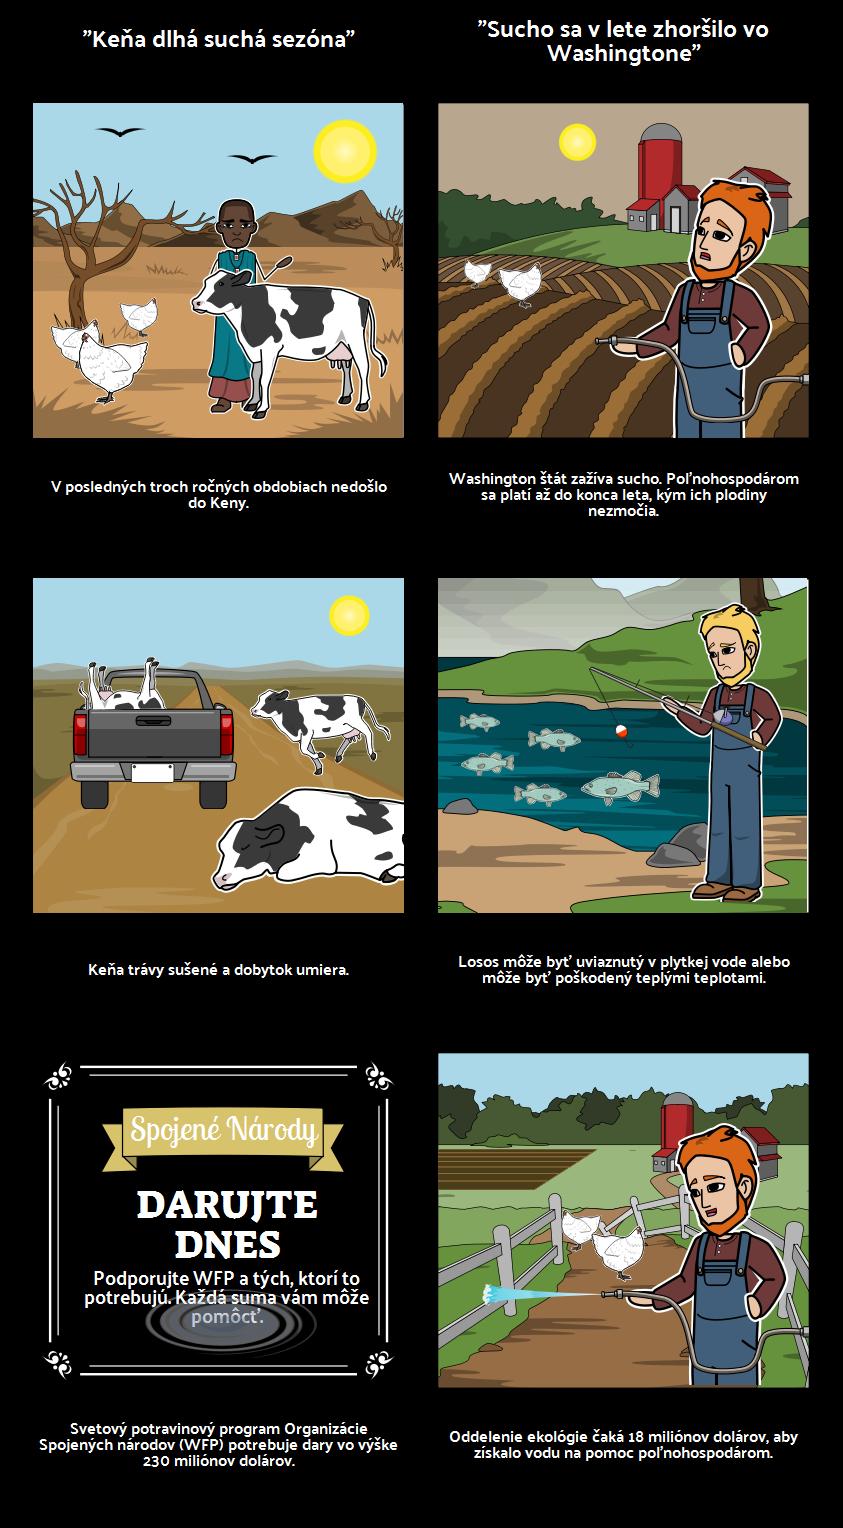 Keňa Dlhá Suchá Sezóna - Porovnanie / Kontrast